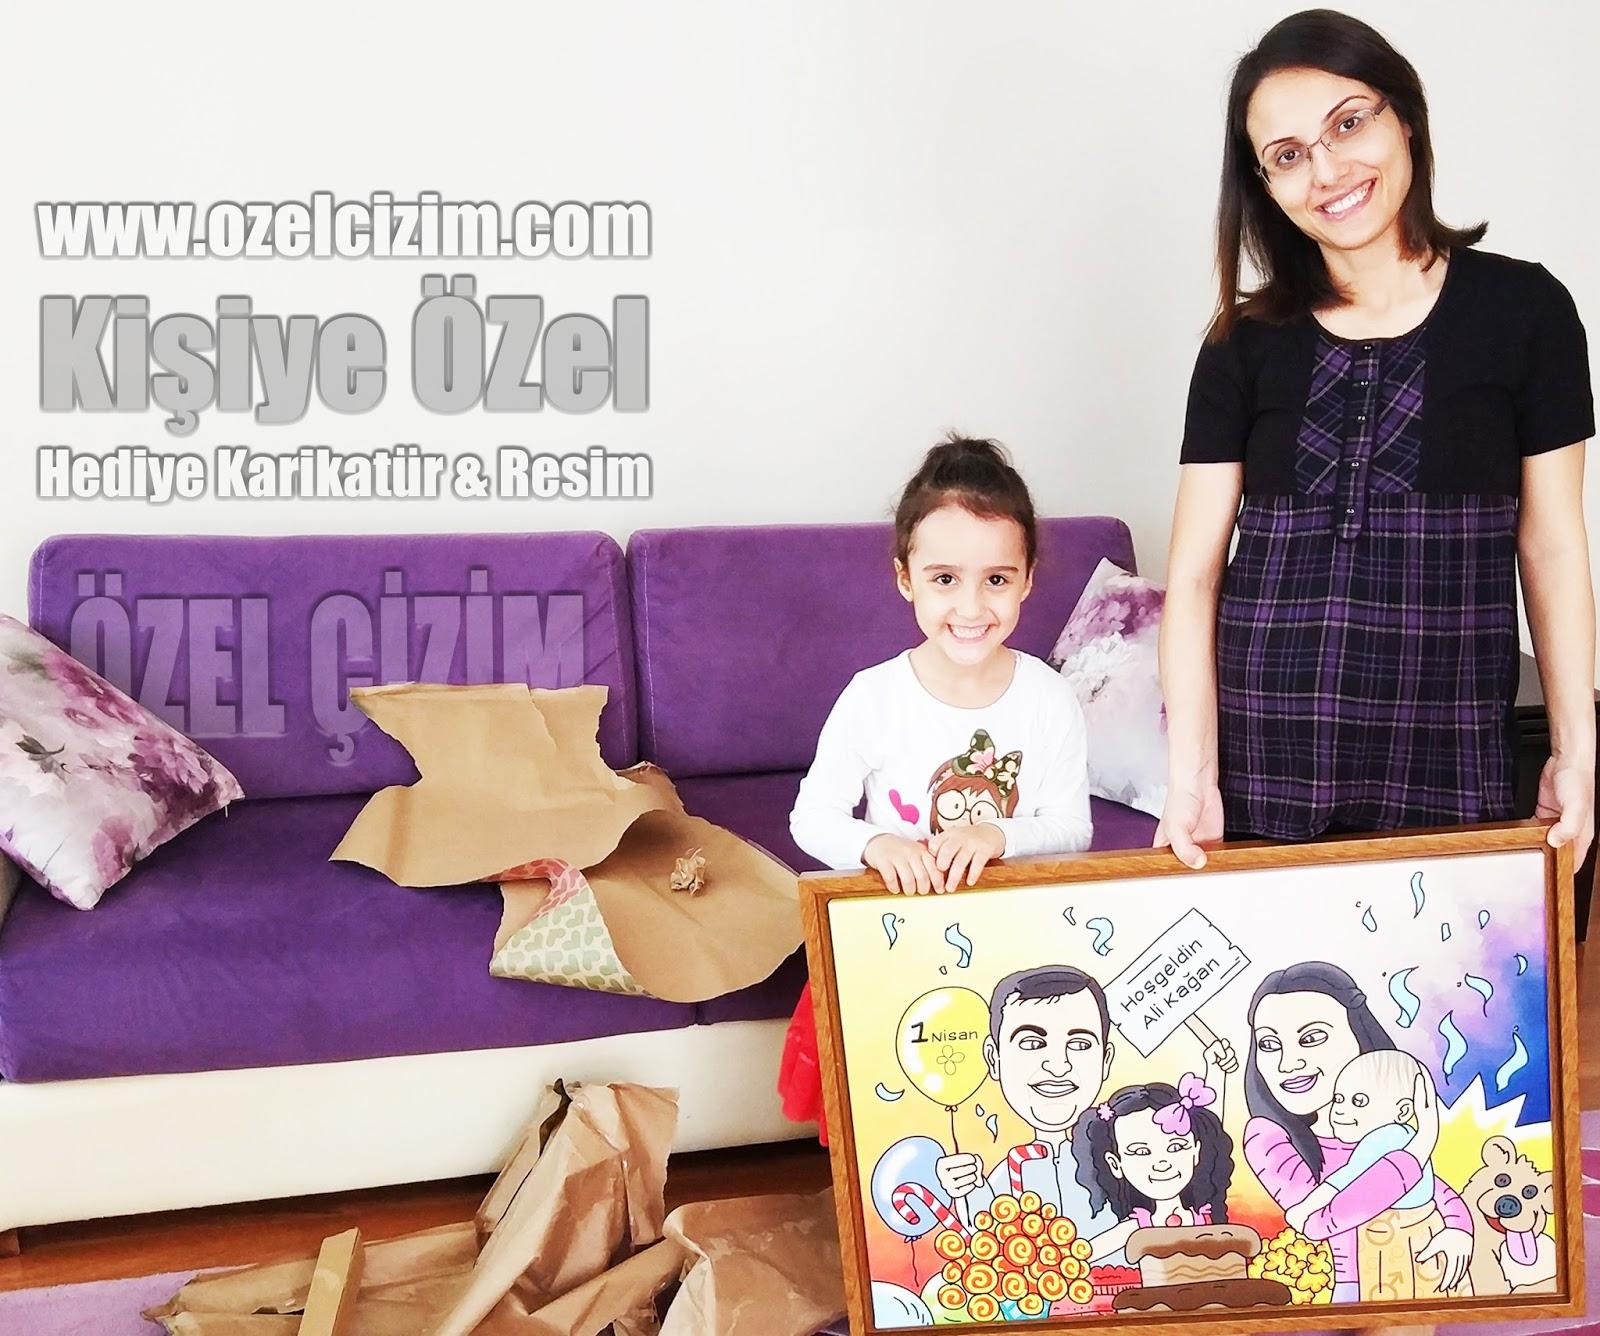 aile karikatürü, Doğum günü hediyesi, eşinize hediye, Hamilelik hediyesi, Hediye Karikatür, Karikatür Çizimleri, karikatür portre, komik doğum günü hediyesi, komik hediye, Özel Çizim,